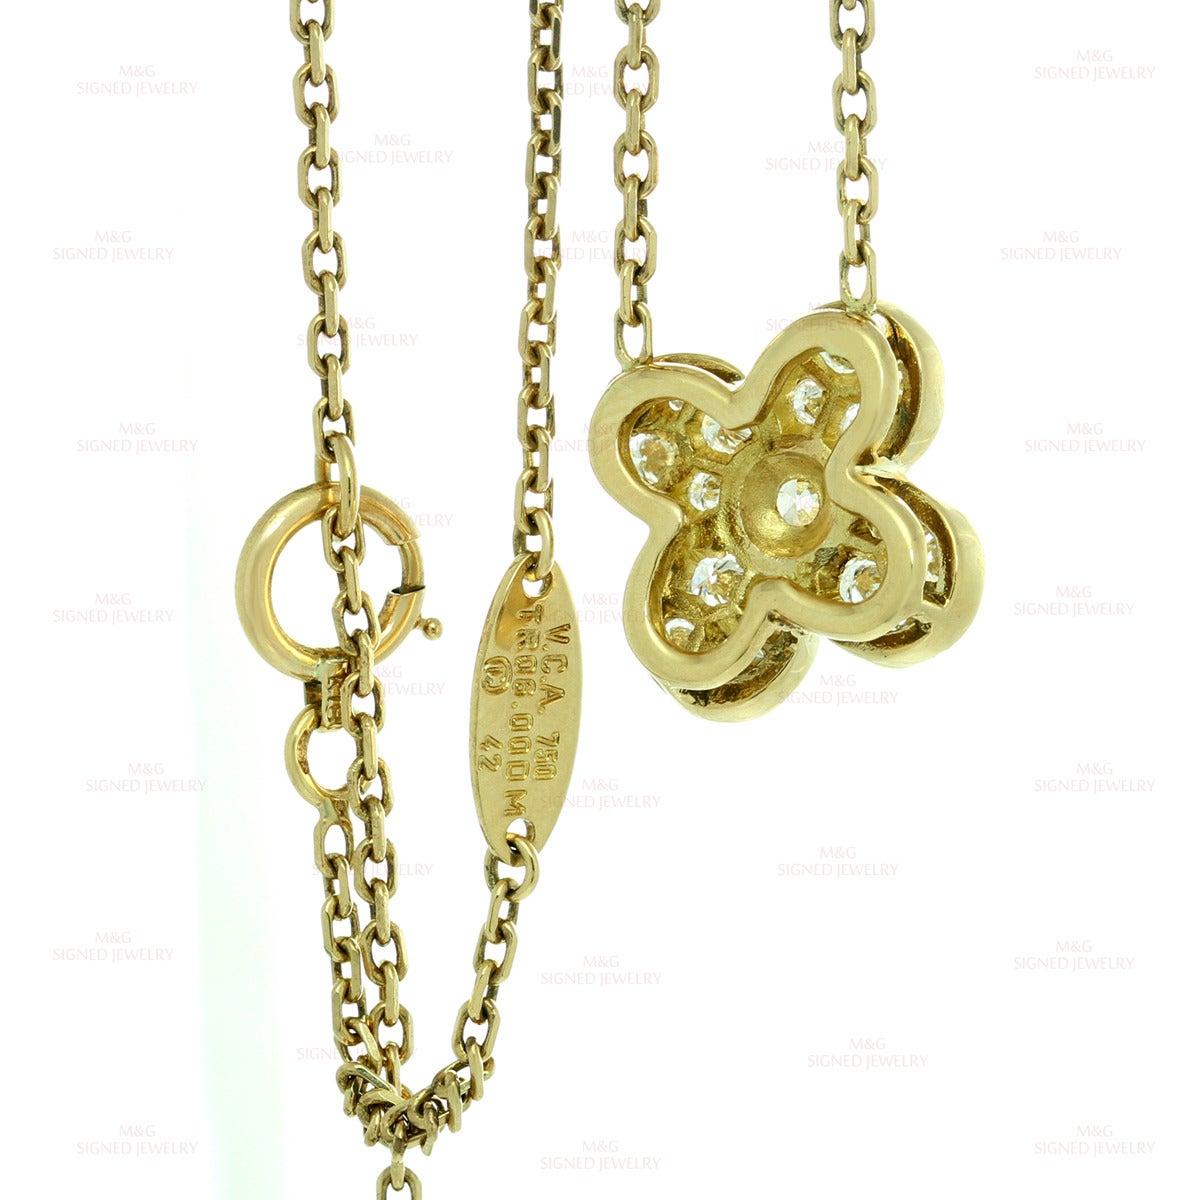 Clover Necklace Van Cleef: Van Cleef & Arpels Alhambra Diamond Gold Clover Necklace